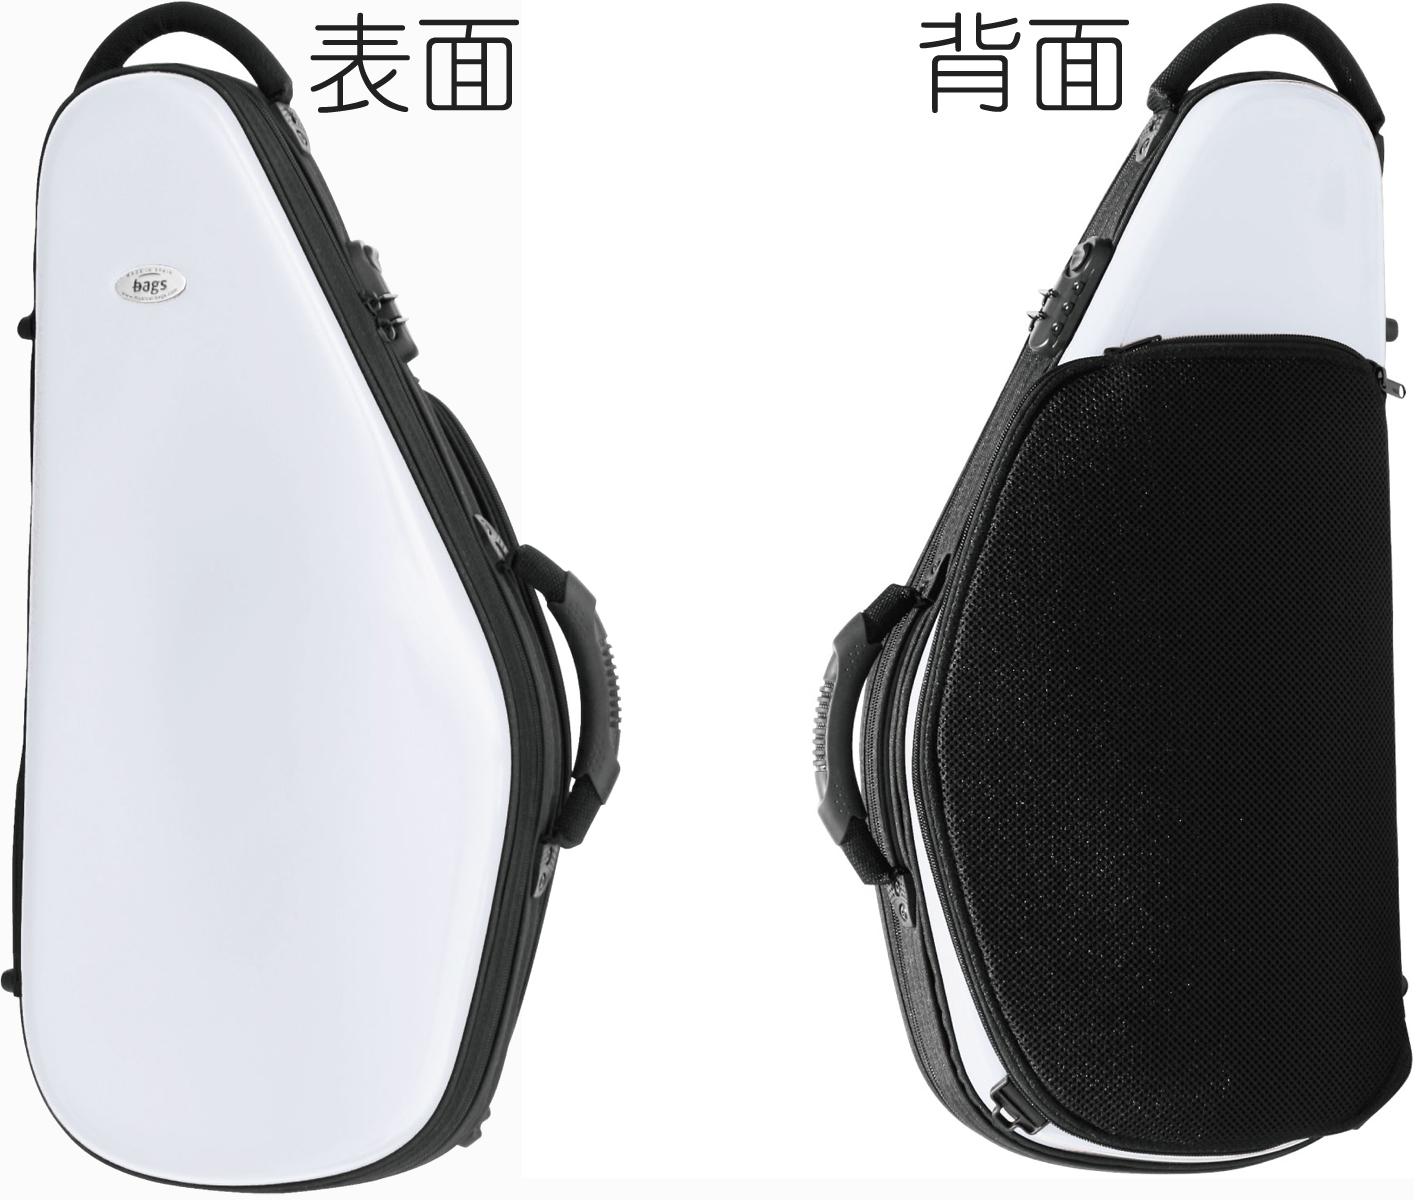 bags ( バッグス ) EFAS WHT アルトサックスケース ホワイト 白色 ハードケース アルトサックス用 リュックタイプ EVOLUTION alto saxophone case white 送料無料